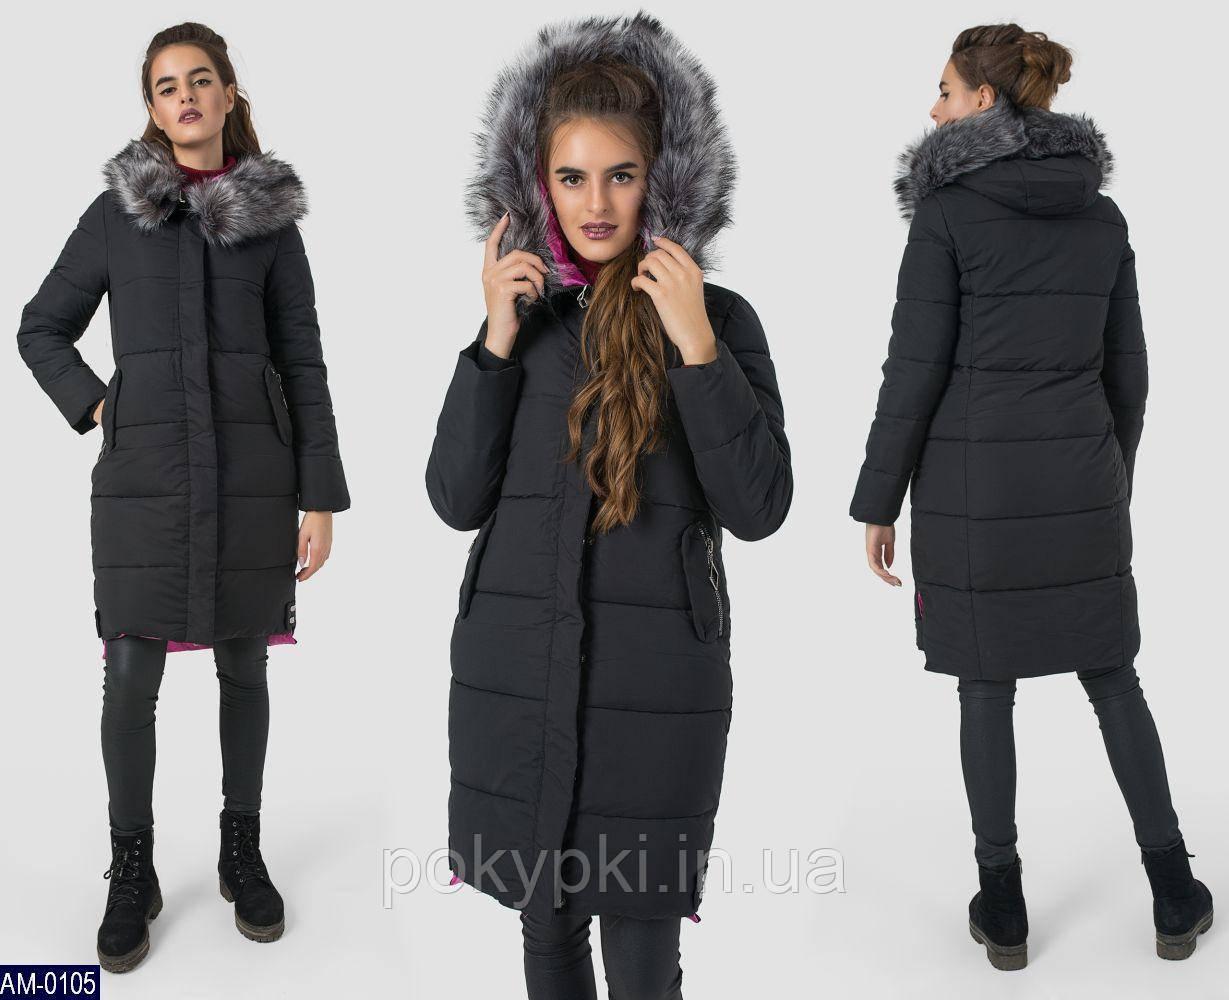 f4e1b3dfa9d Теплая зимняя куртка с капюшоном на молнии и кнопках черная